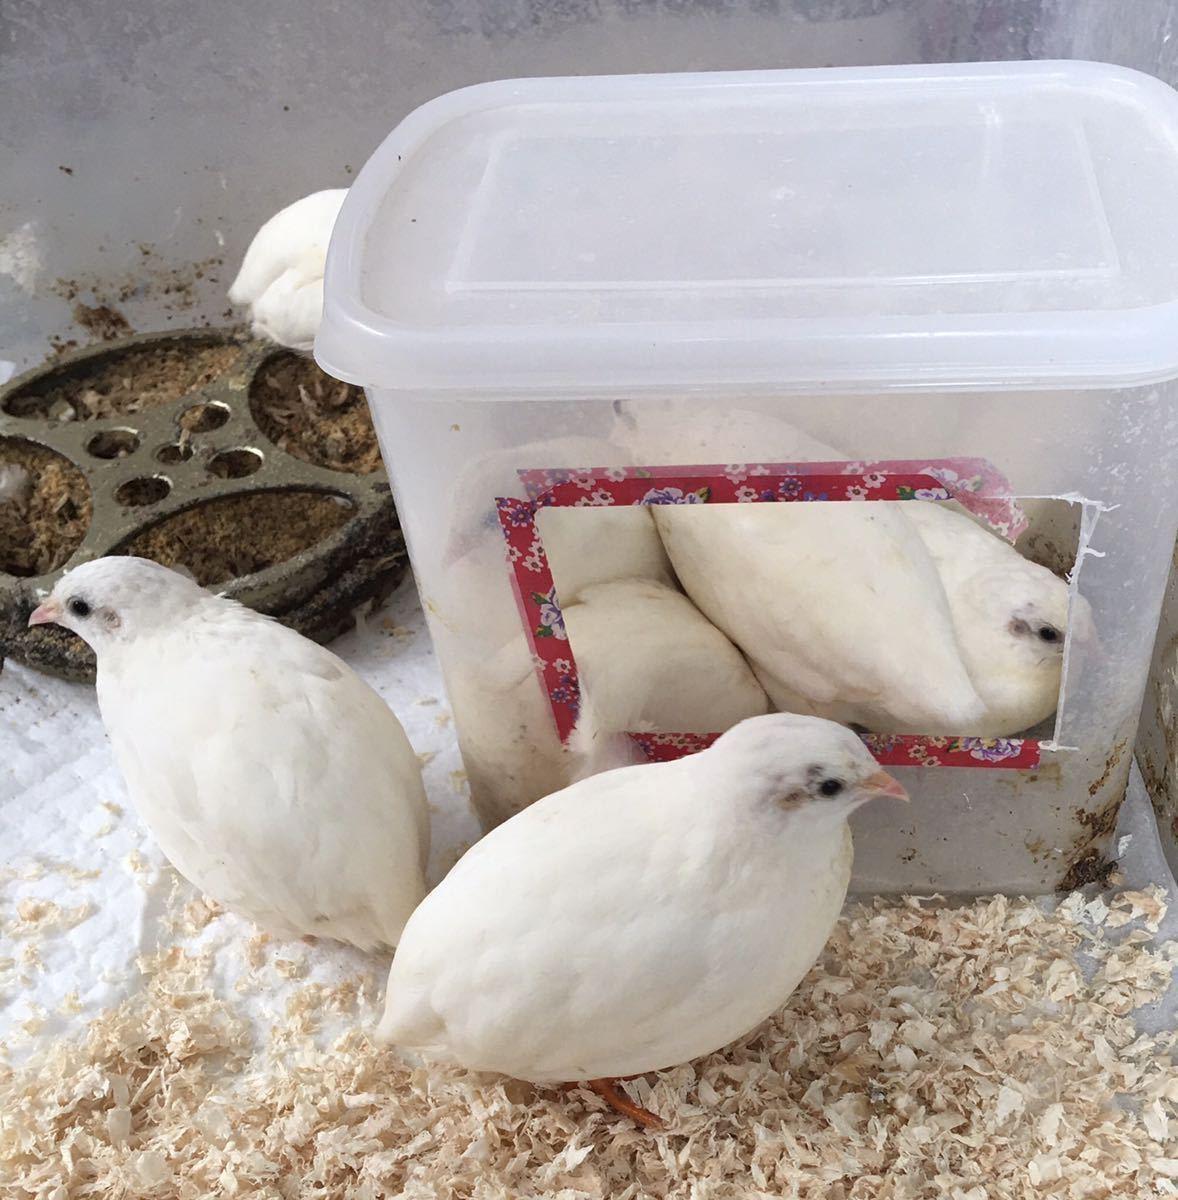 ヒメウズラ 有精卵 各種7個 送料無料 各色 白姫 シルバー系 茶系 黒系 姫うずら 種卵 3セット出品です!_画像3